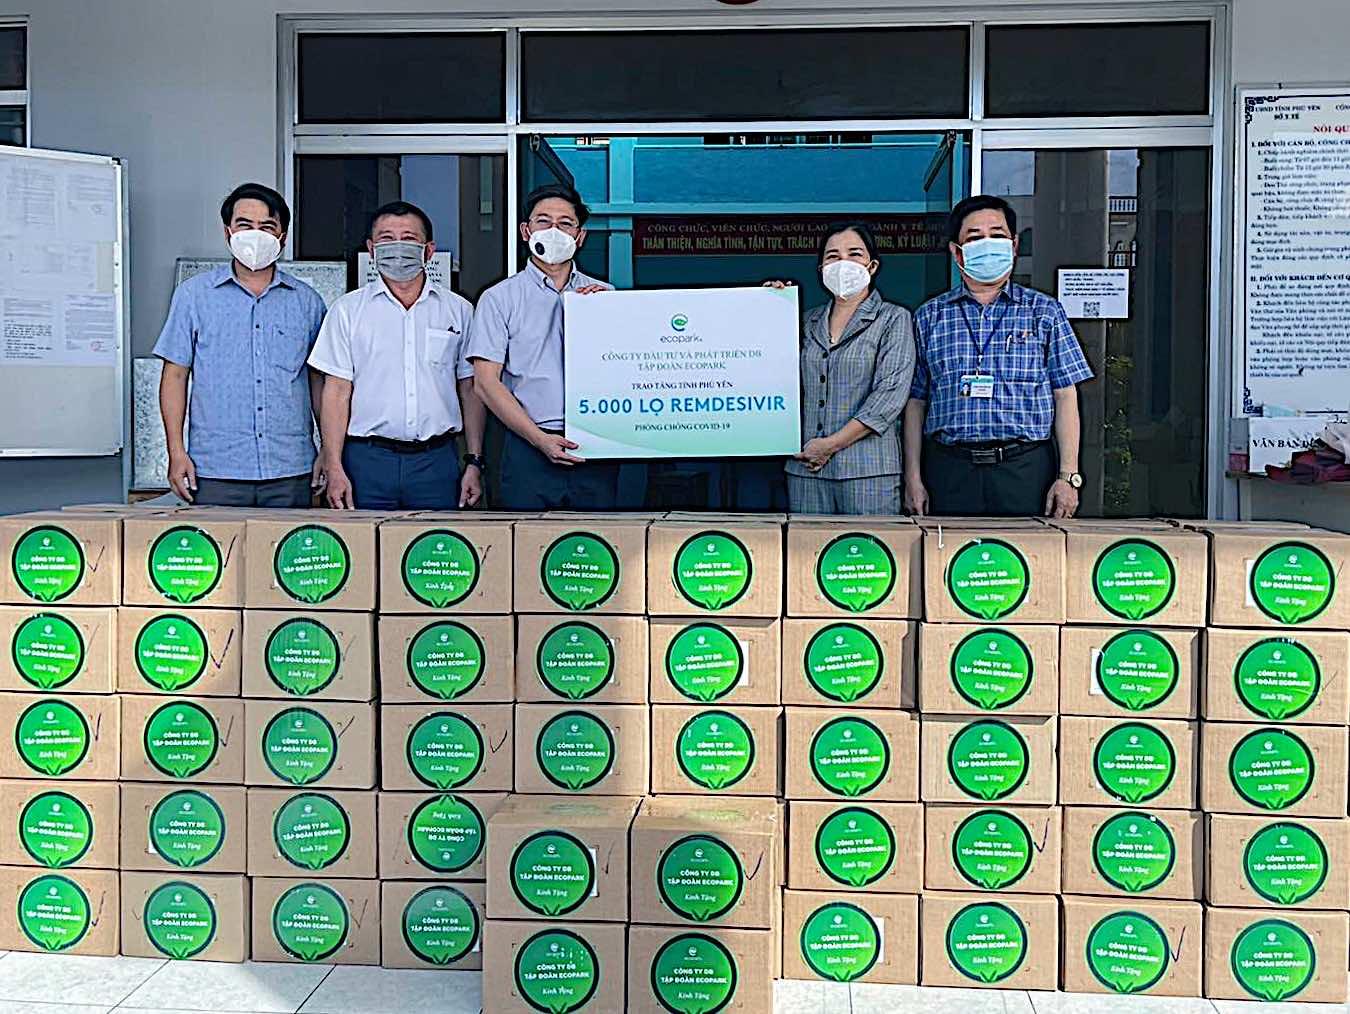 Lô thuốc 200.000 lọ Remdesivir đặc trị Covid-19 về Việt Nam được phân bổ thế nào? - Ảnh 6.